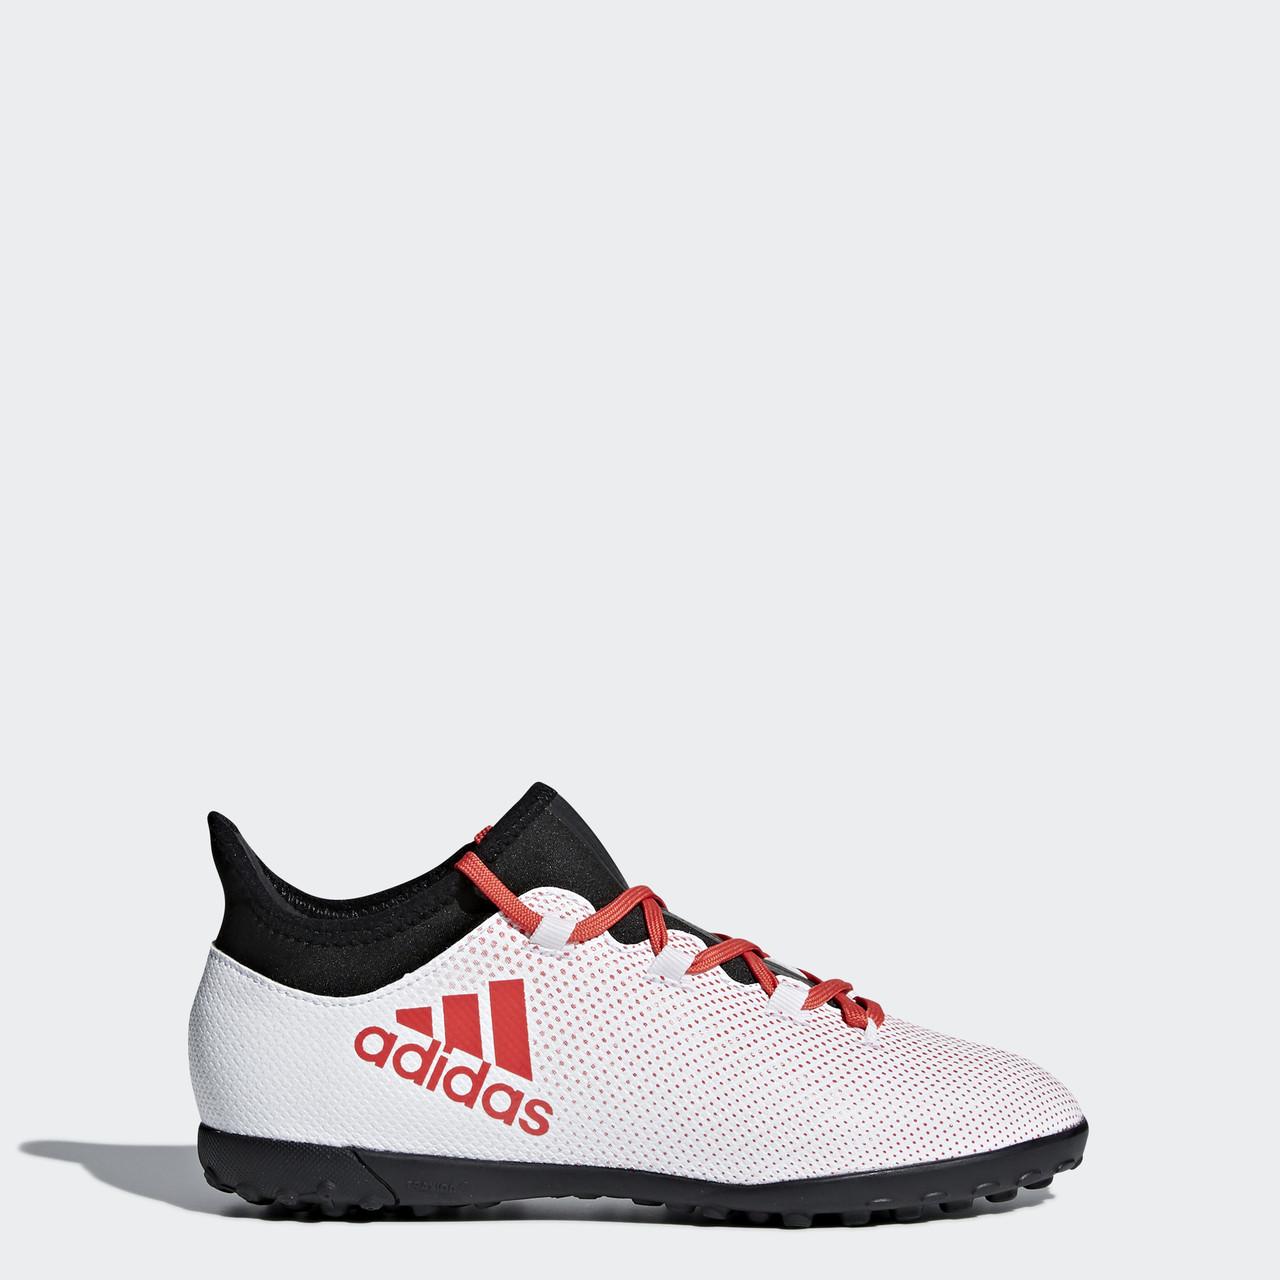 Сороконожки детские Adidas X TANGO 17.3 TF CP9025  продажа, цена в ... ed9d6786222